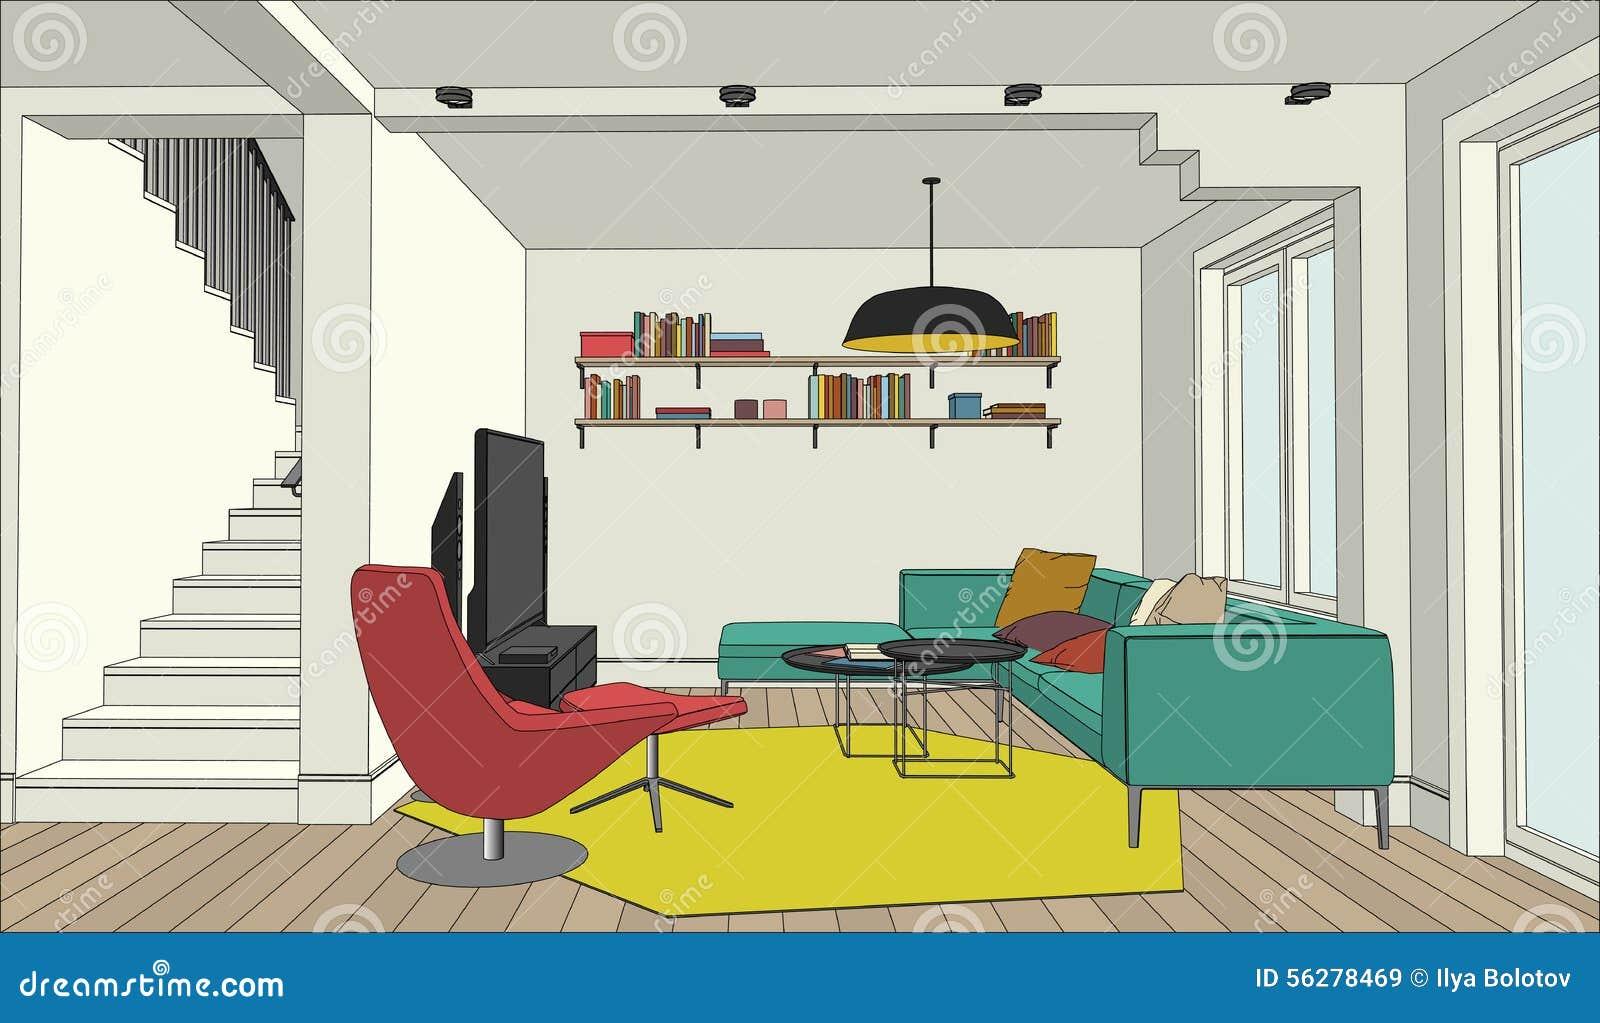 Dessin de couleur de l 39 int rieur illustration de vecteur for Dessin de construction du meuble